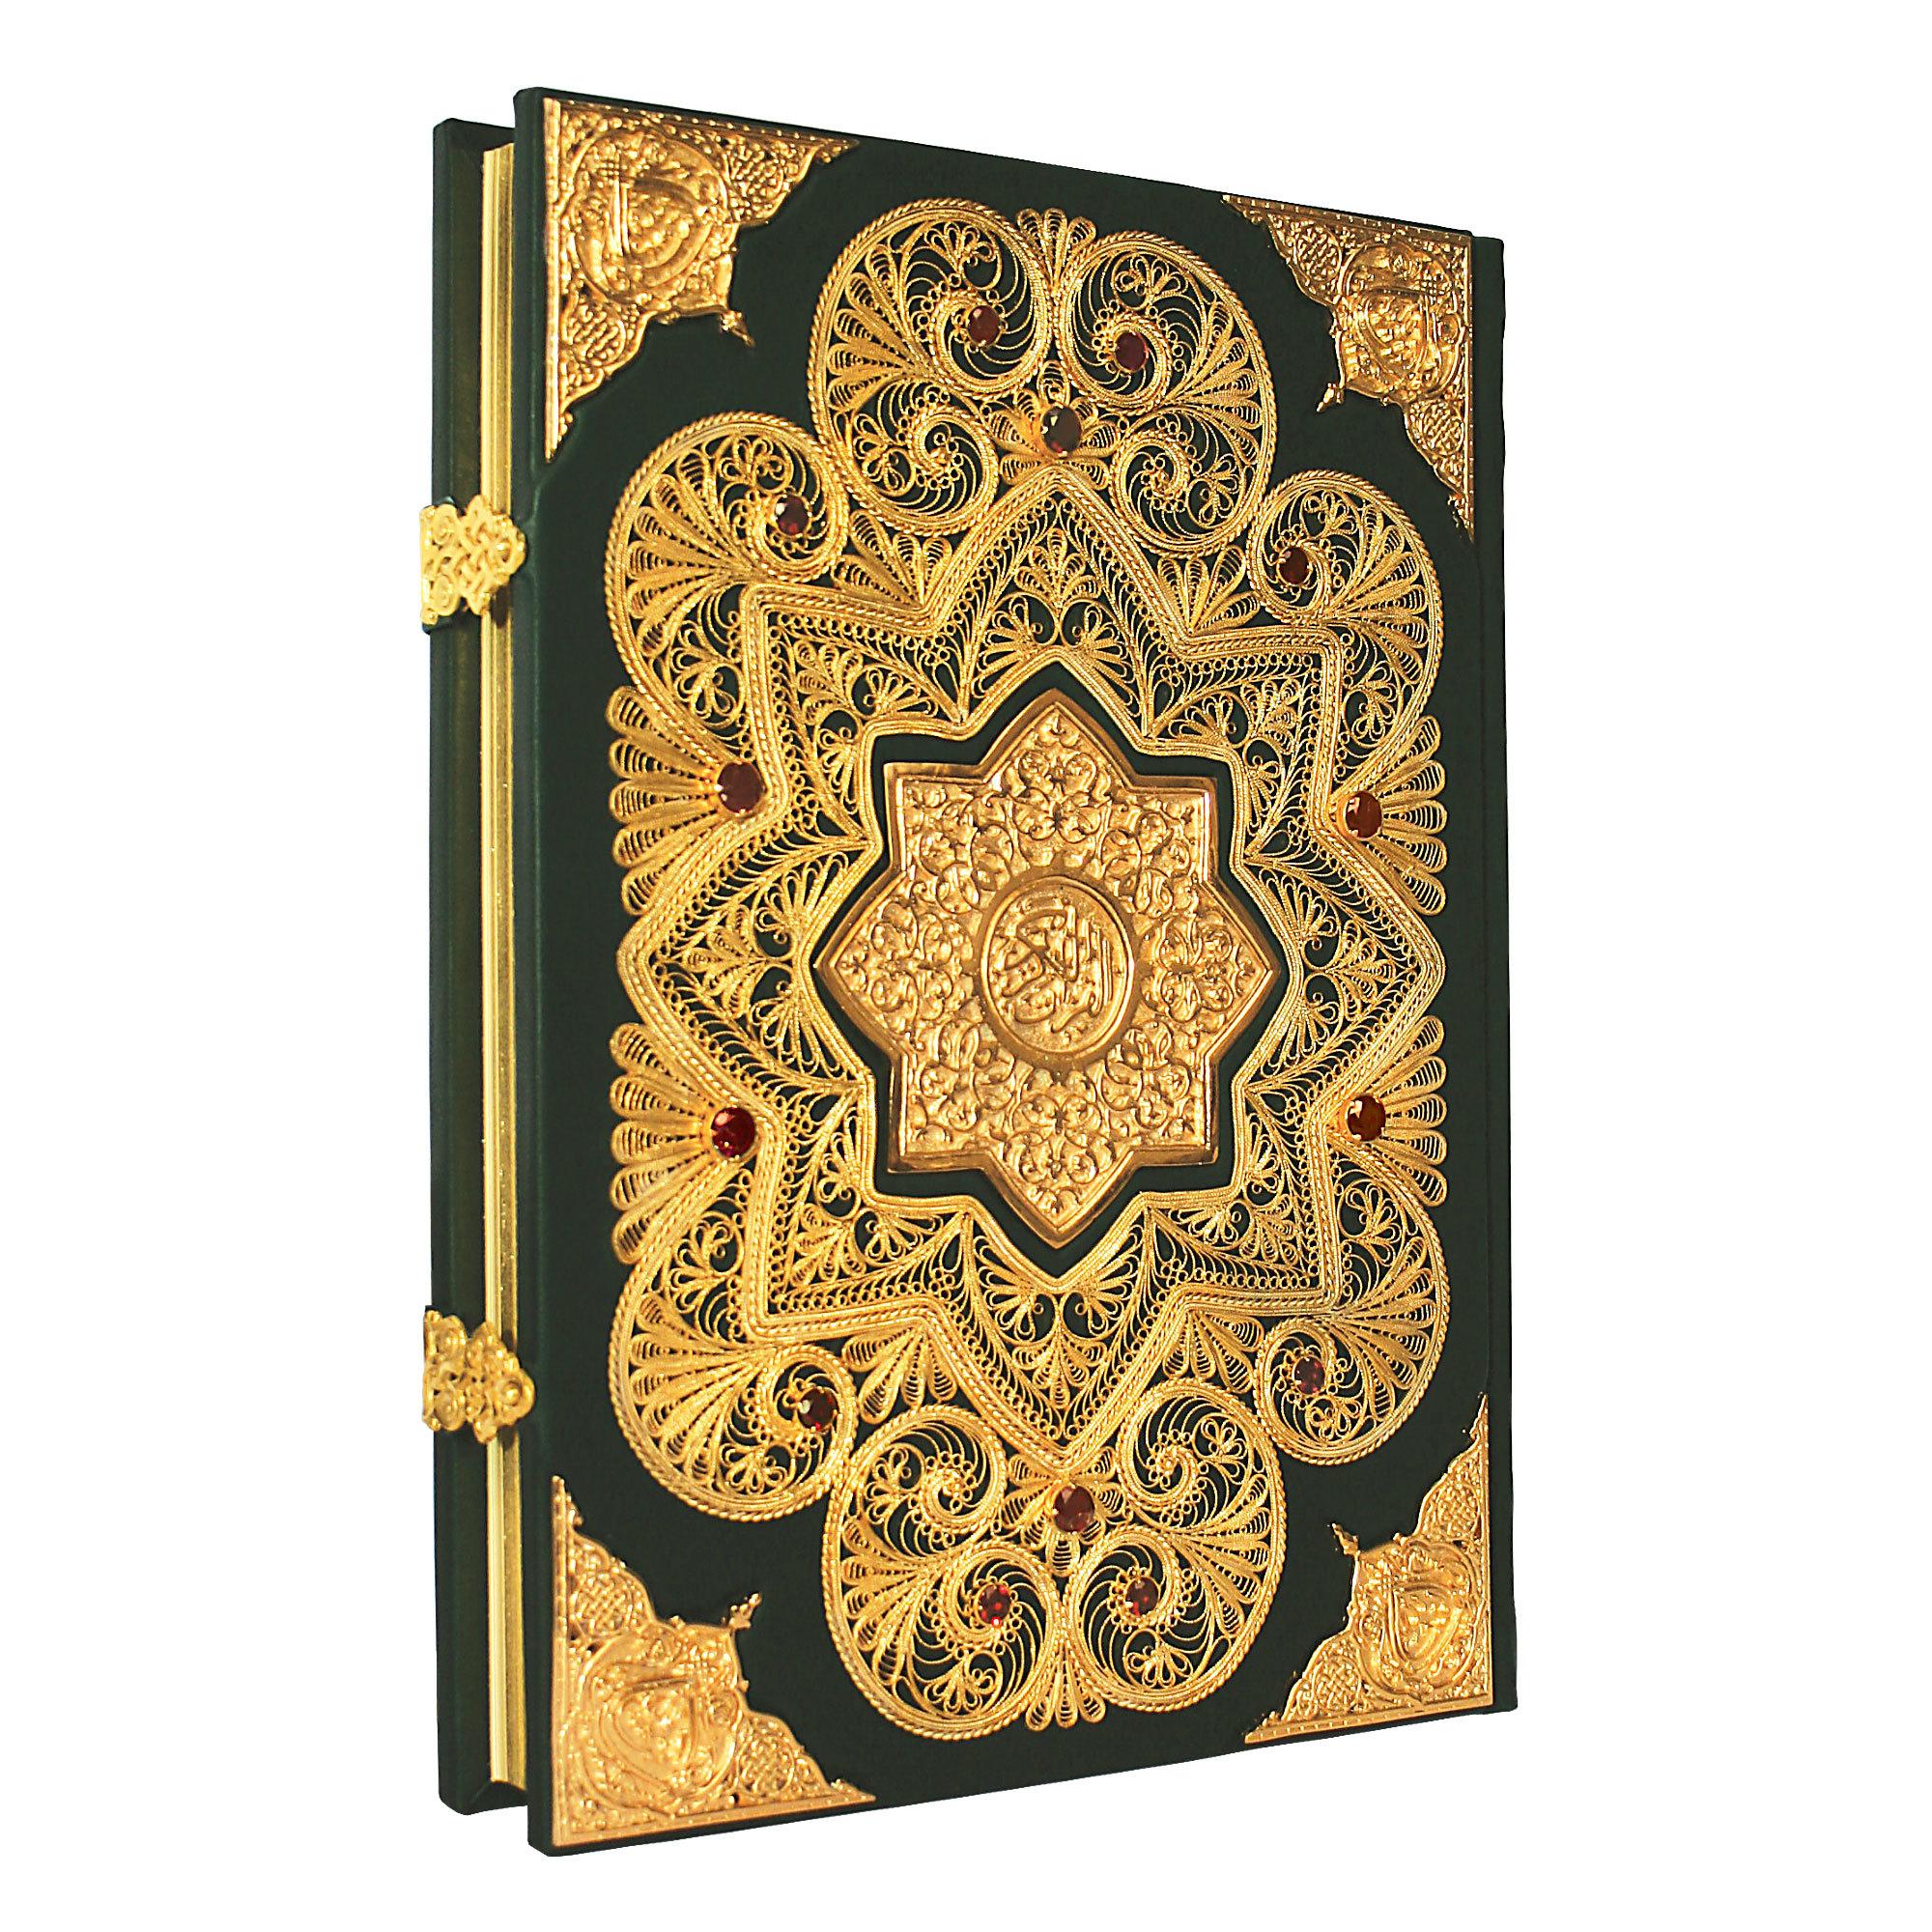 Коран на арабском языке с филигранью и гранатами